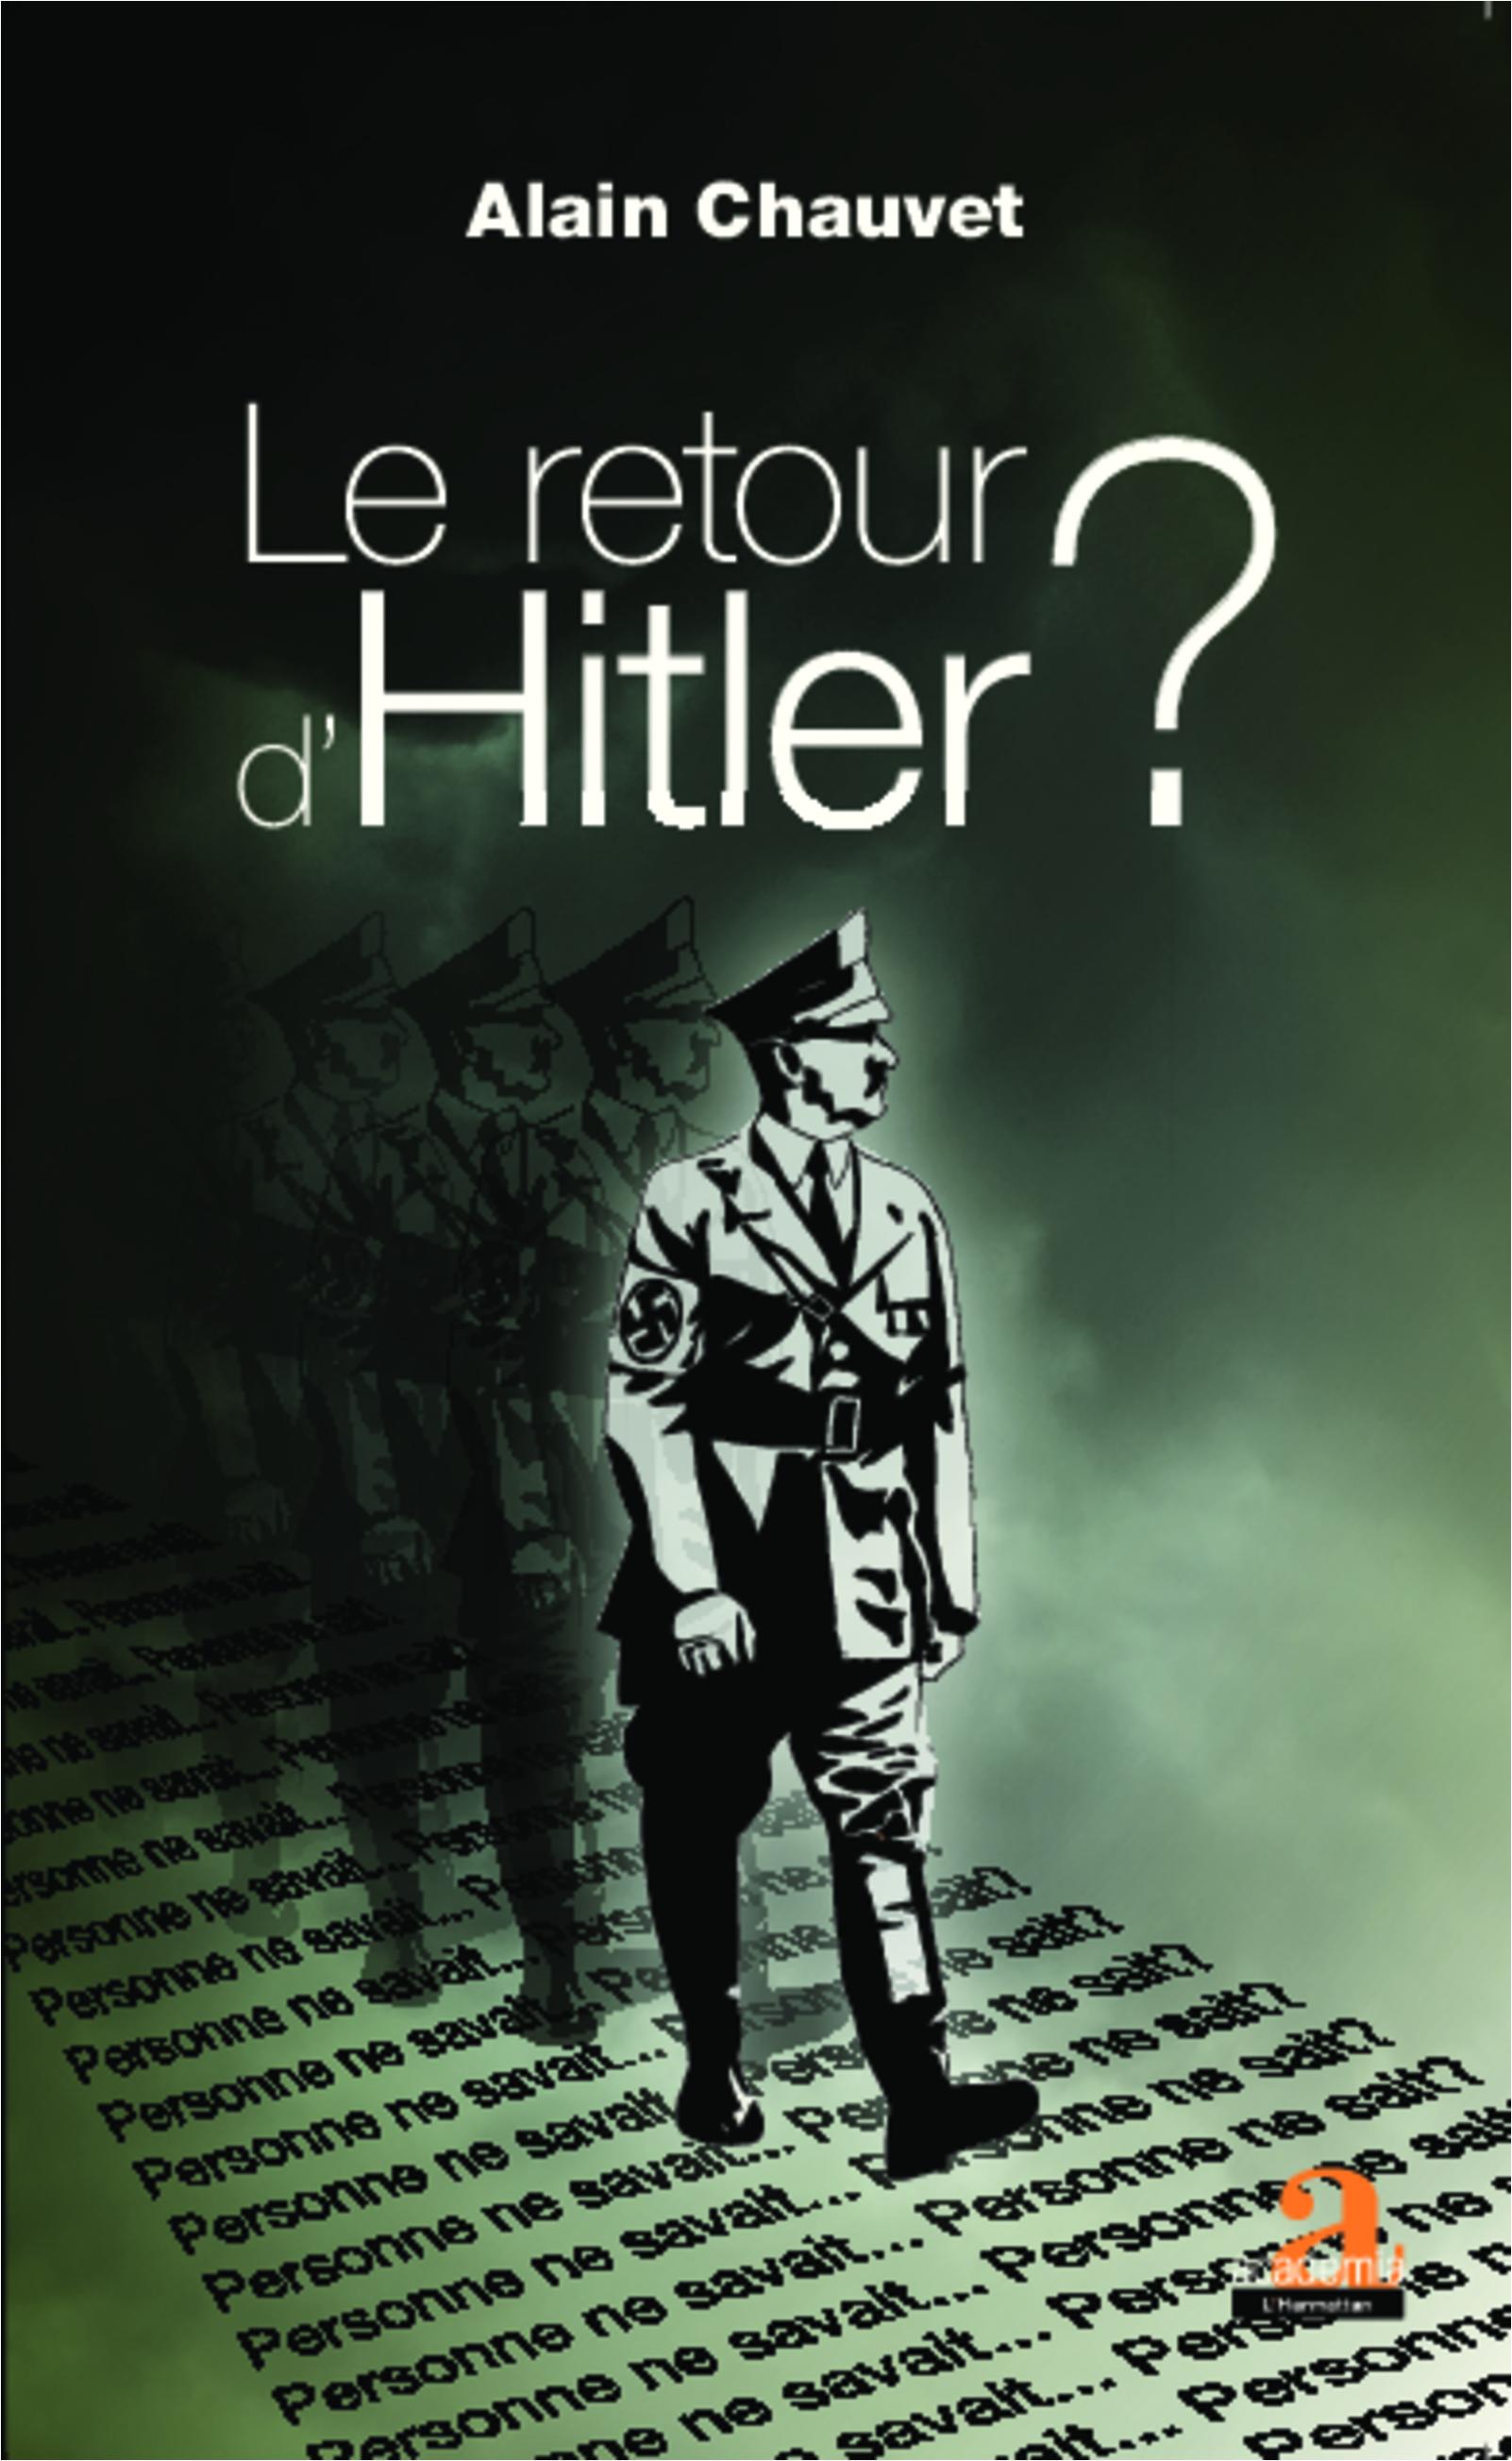 Le retour d'Hitler ?